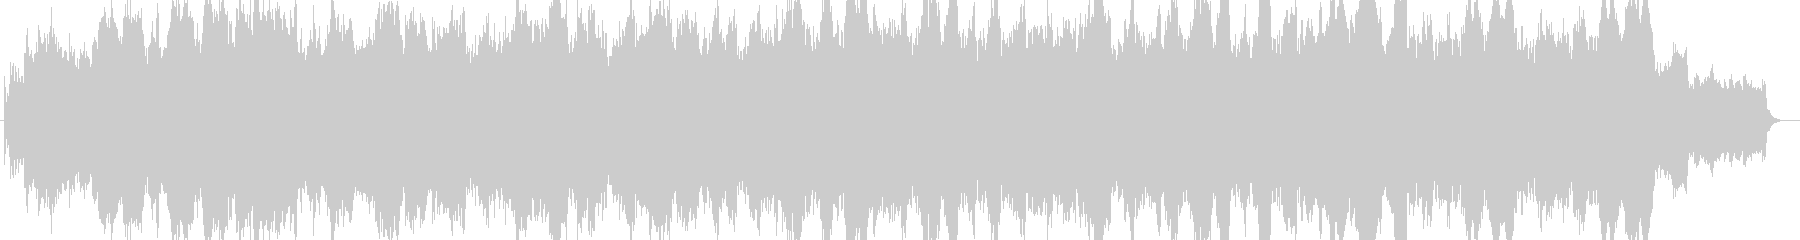 ワルツ薔薇色ときめきループ音源の未再生の波形